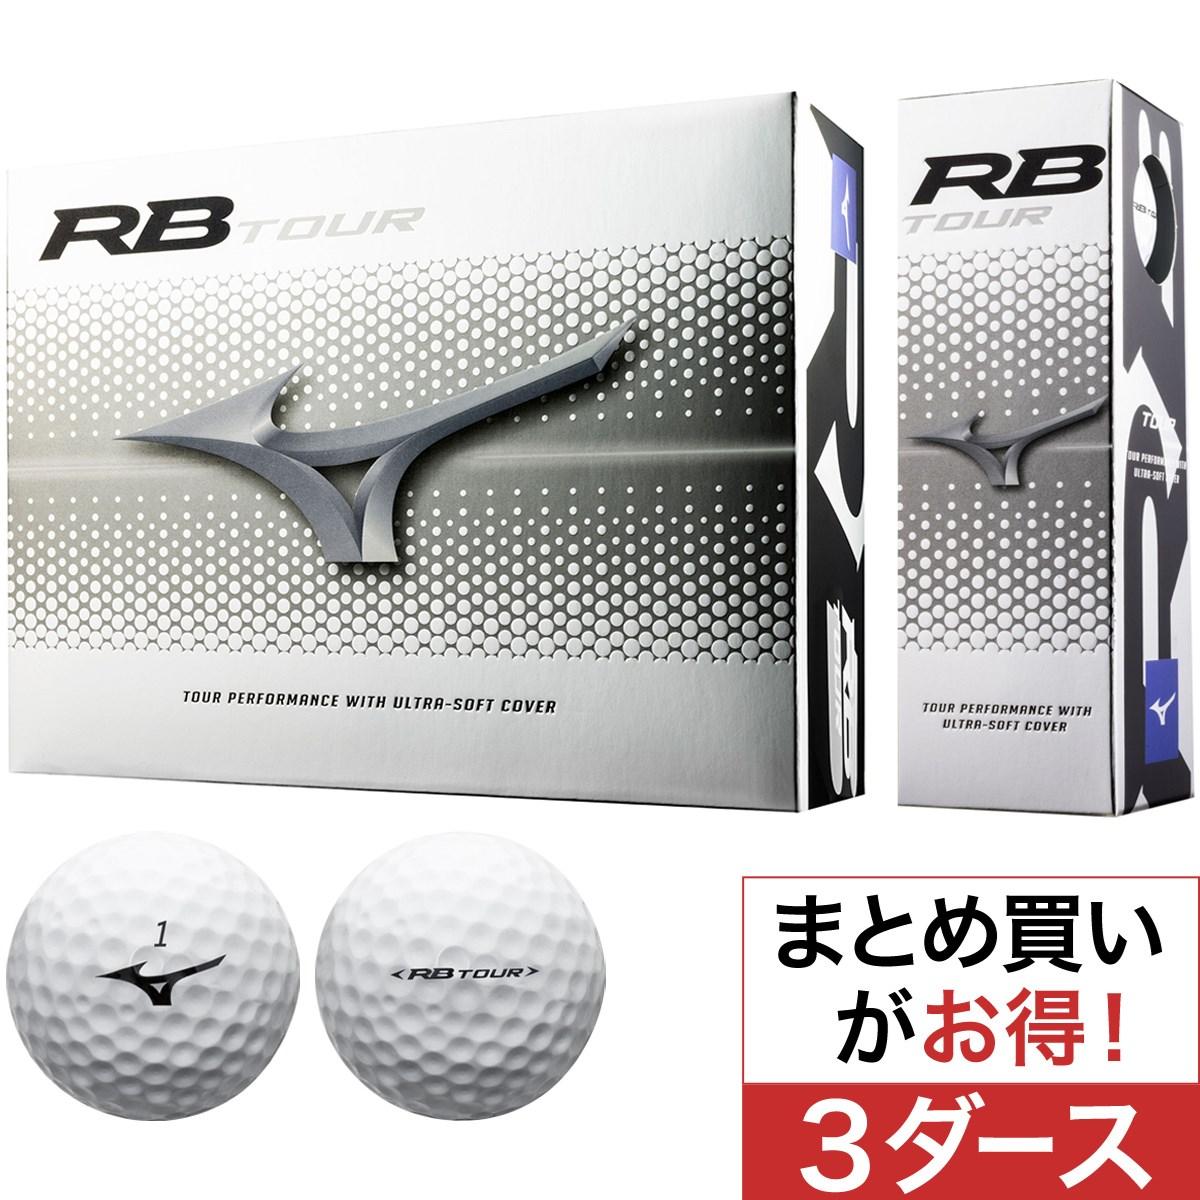 ミズノ(MIZUNO) RB TOUR ボール 3ダースセット